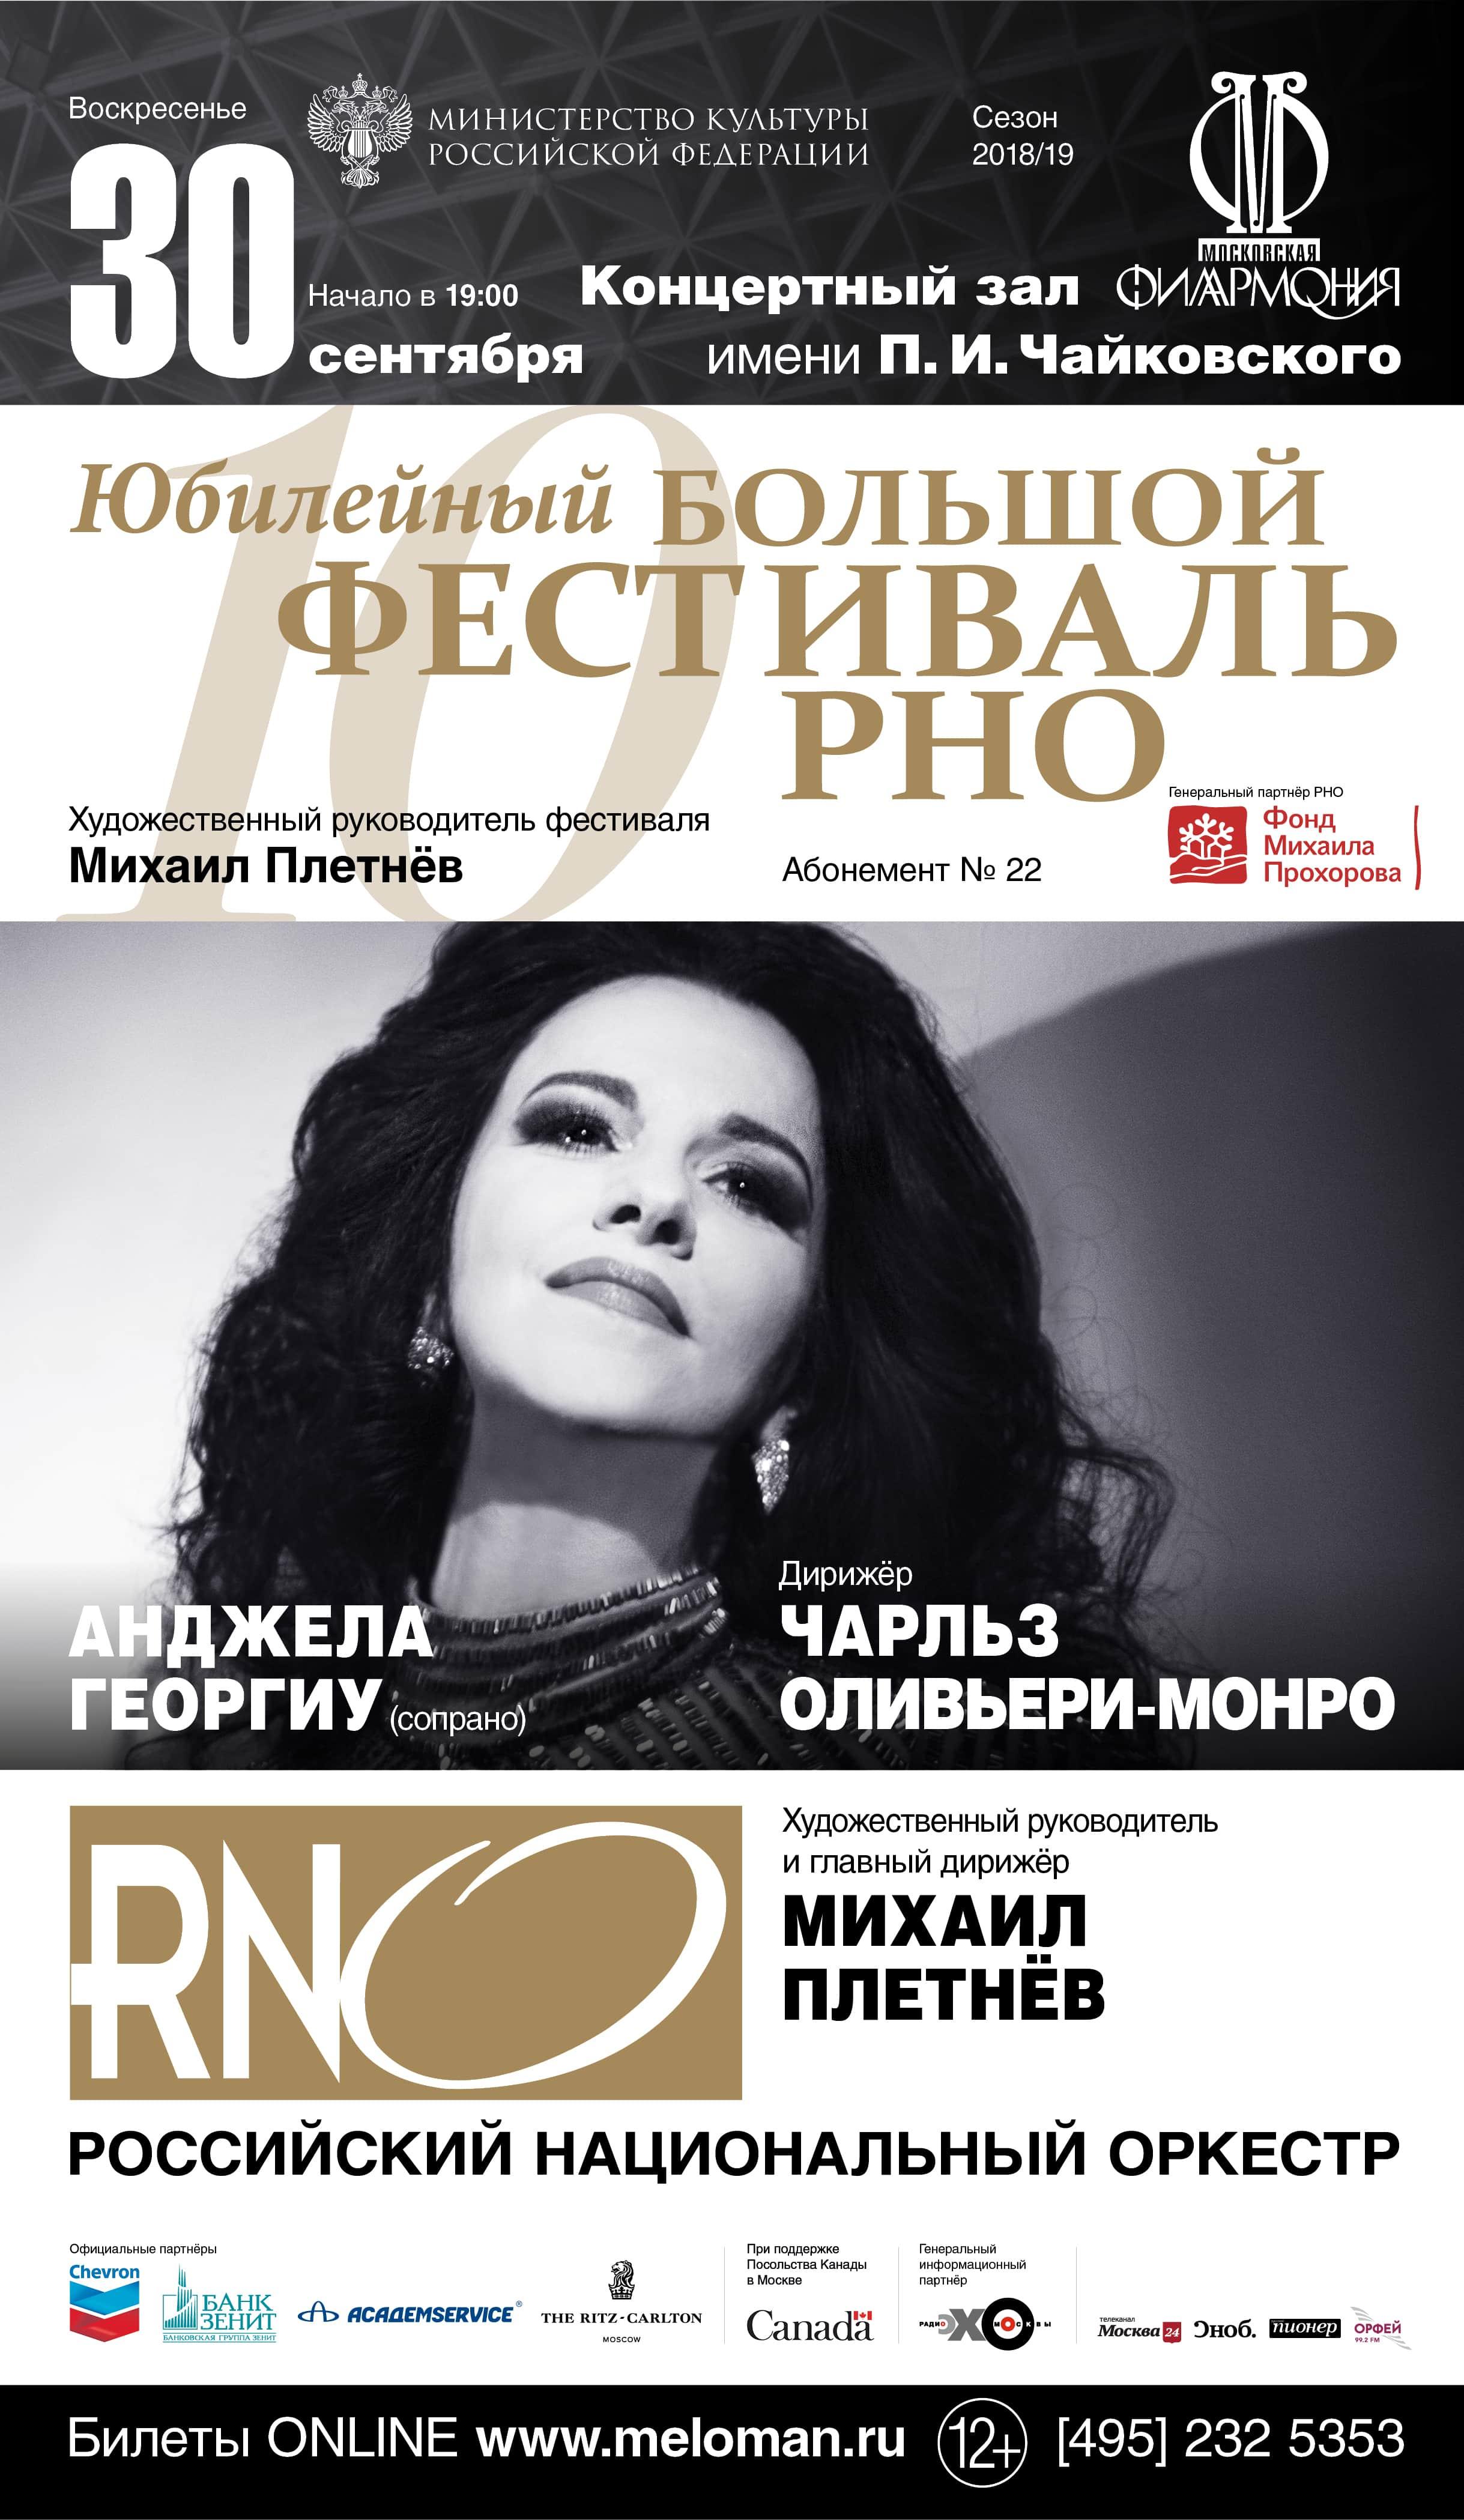 Анджела Георгиу выступит в Москве